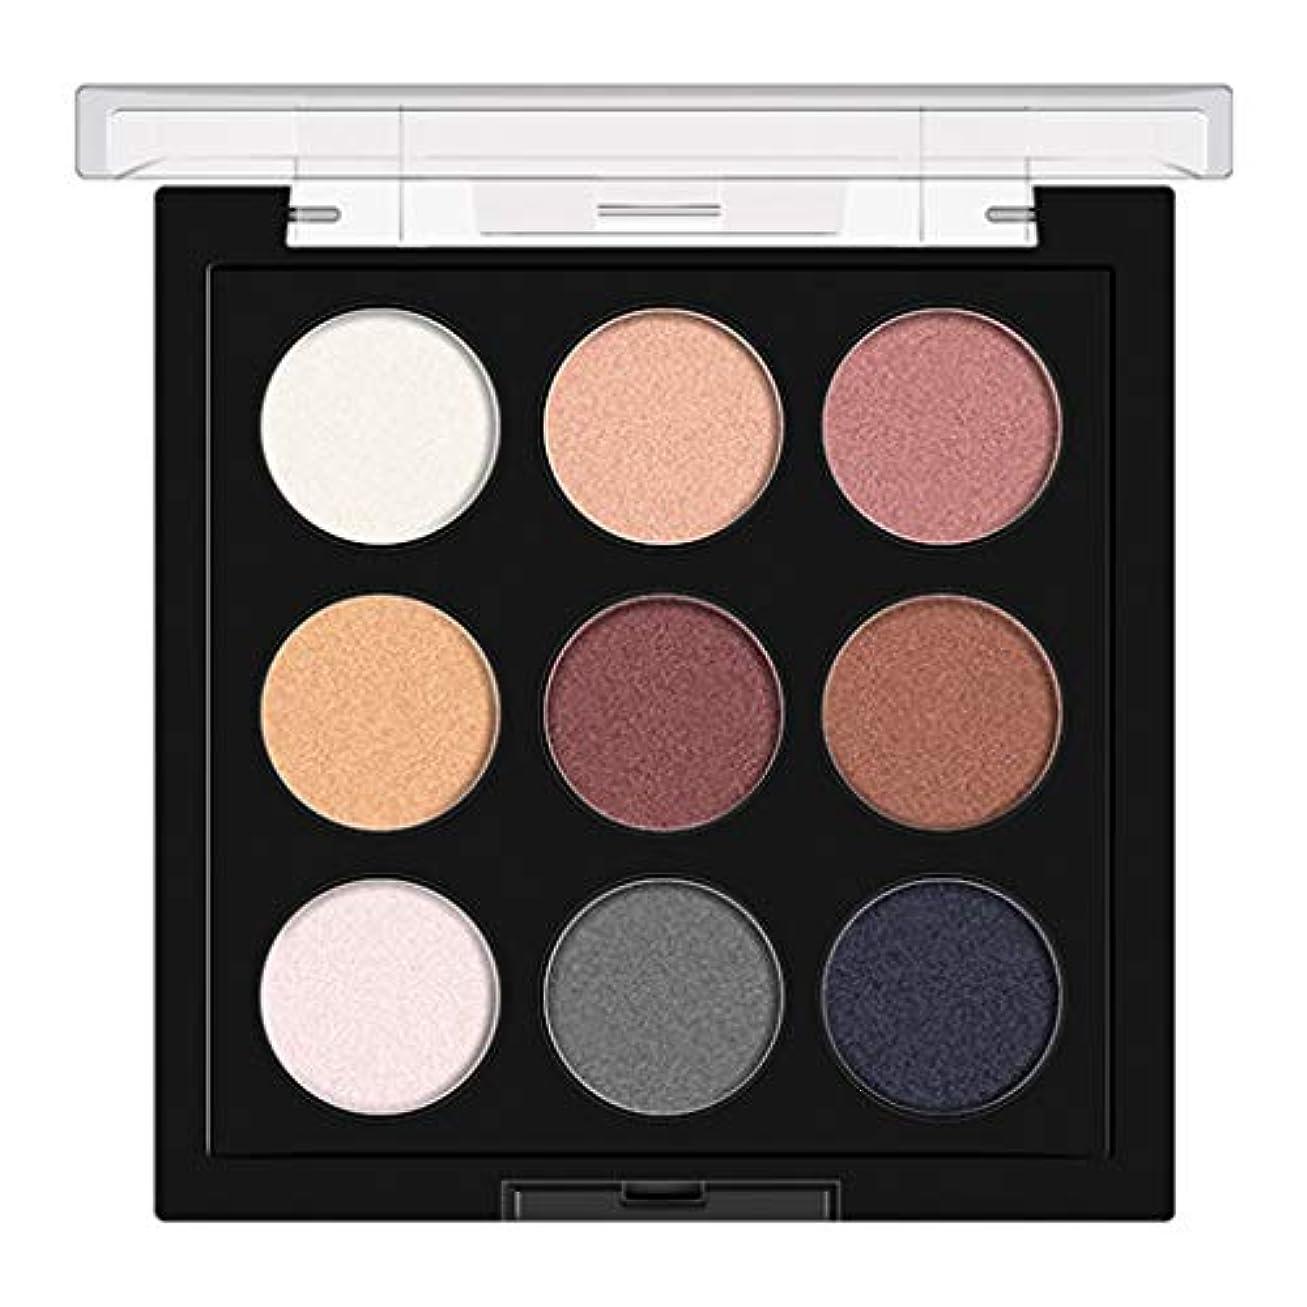 簡潔な唇セラーGOOD lask 9色のアイシャドウディッシュ、化粧茶色マットパールライトアイシャドウ、持ち運びが容易、明るい目、アイシャドウパウダー、美しい自然な三次元化粧アイシャドウ (A)